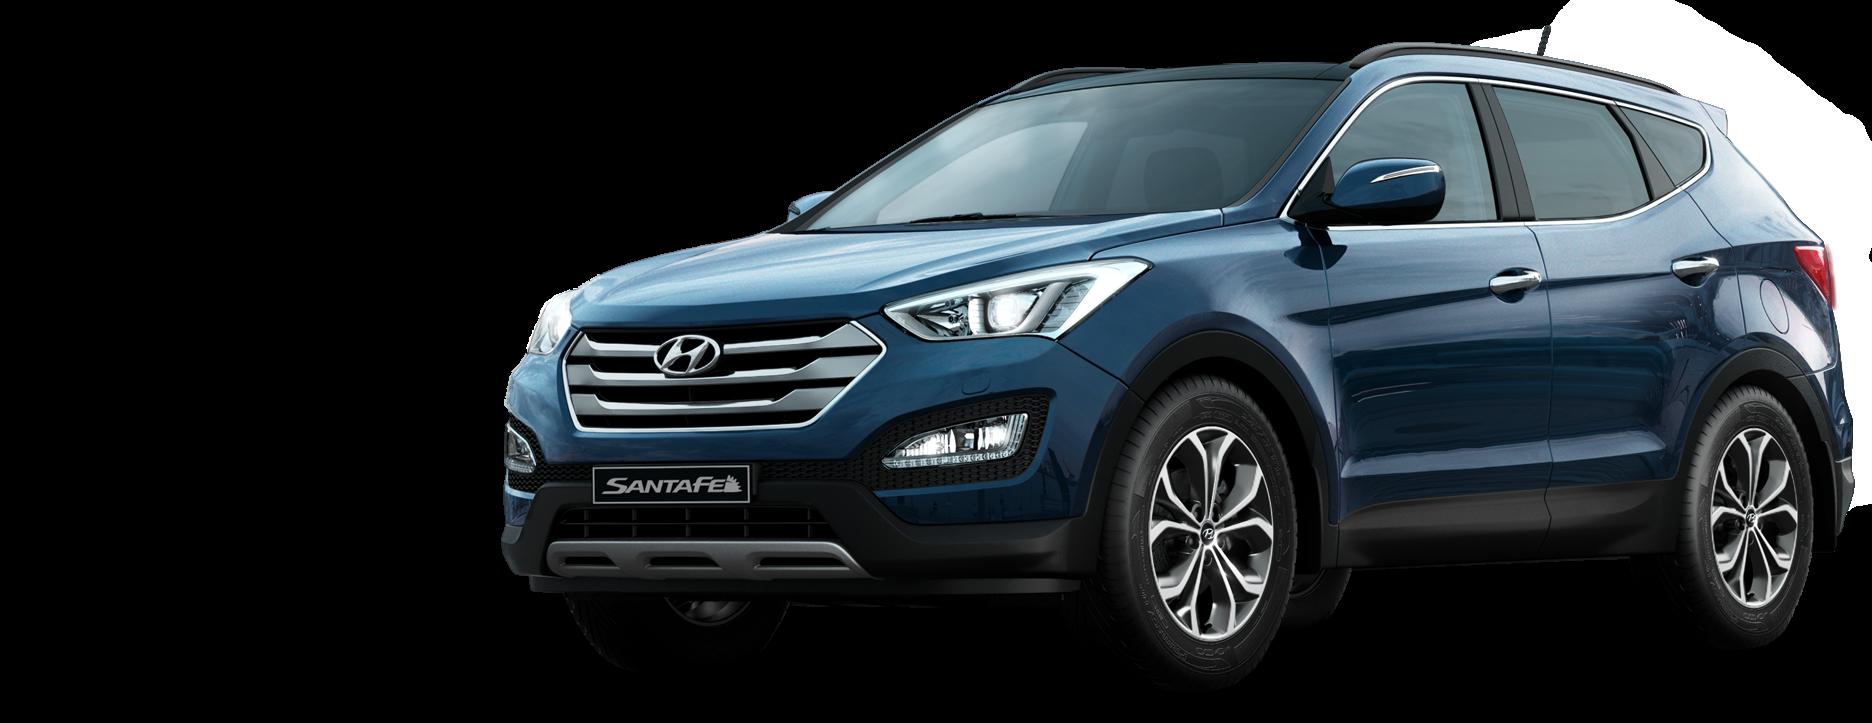 Hyundai Santa Fe Hyundai Motor Hyundai Santa Fe Hyundai